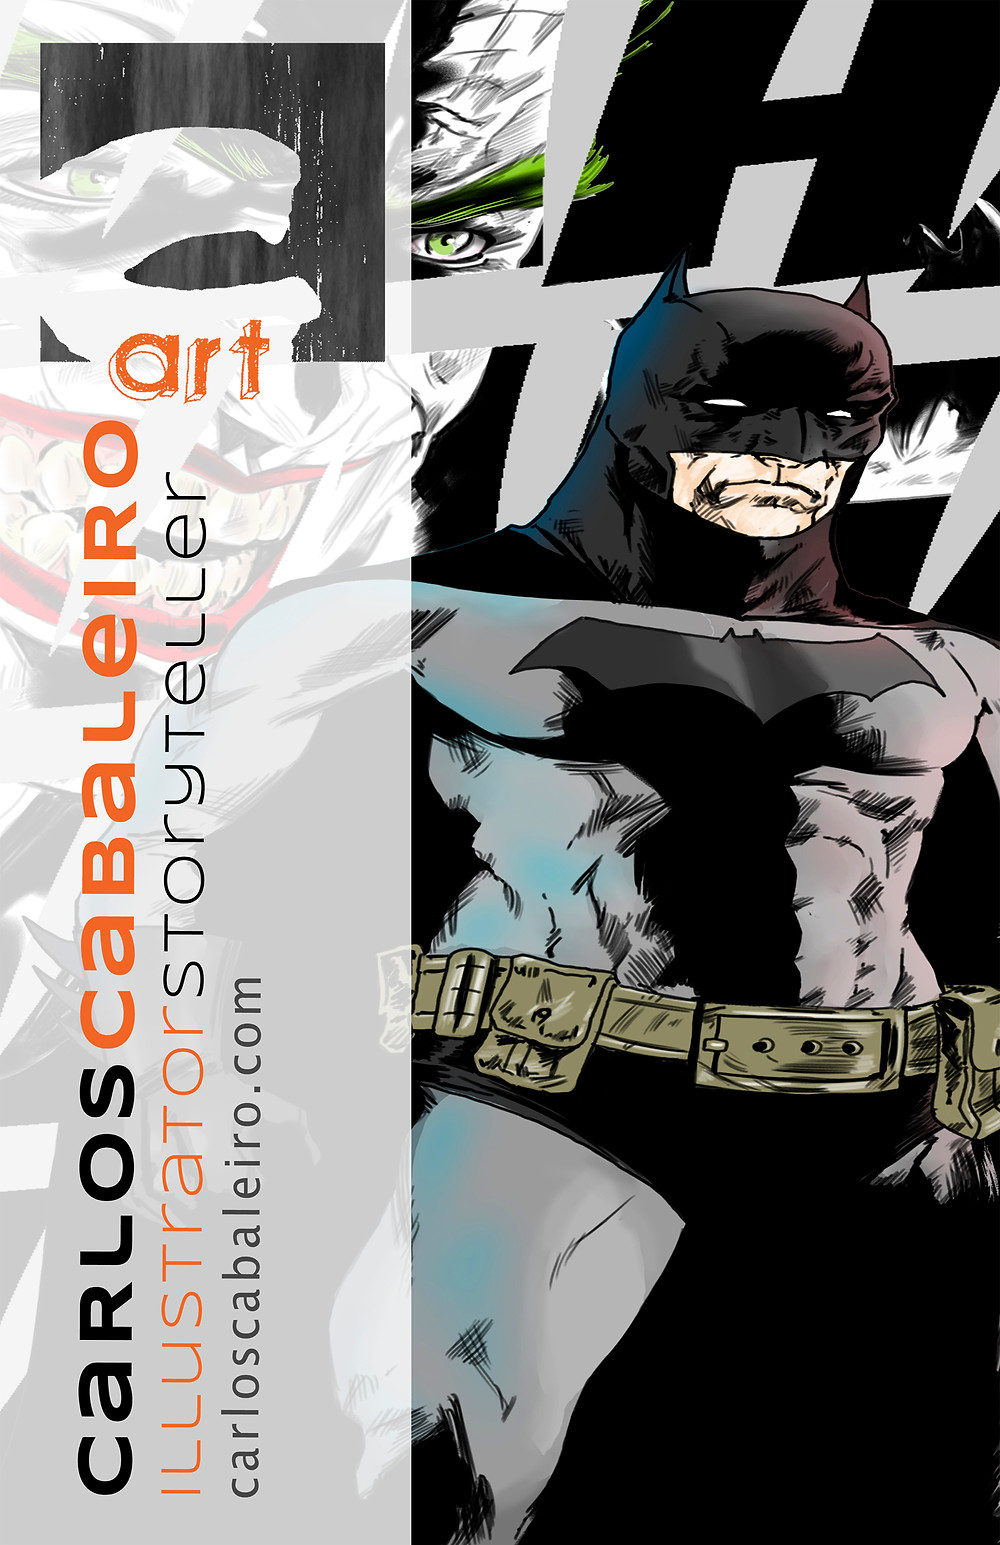 cabaleiro art banner 2 copy.jpg